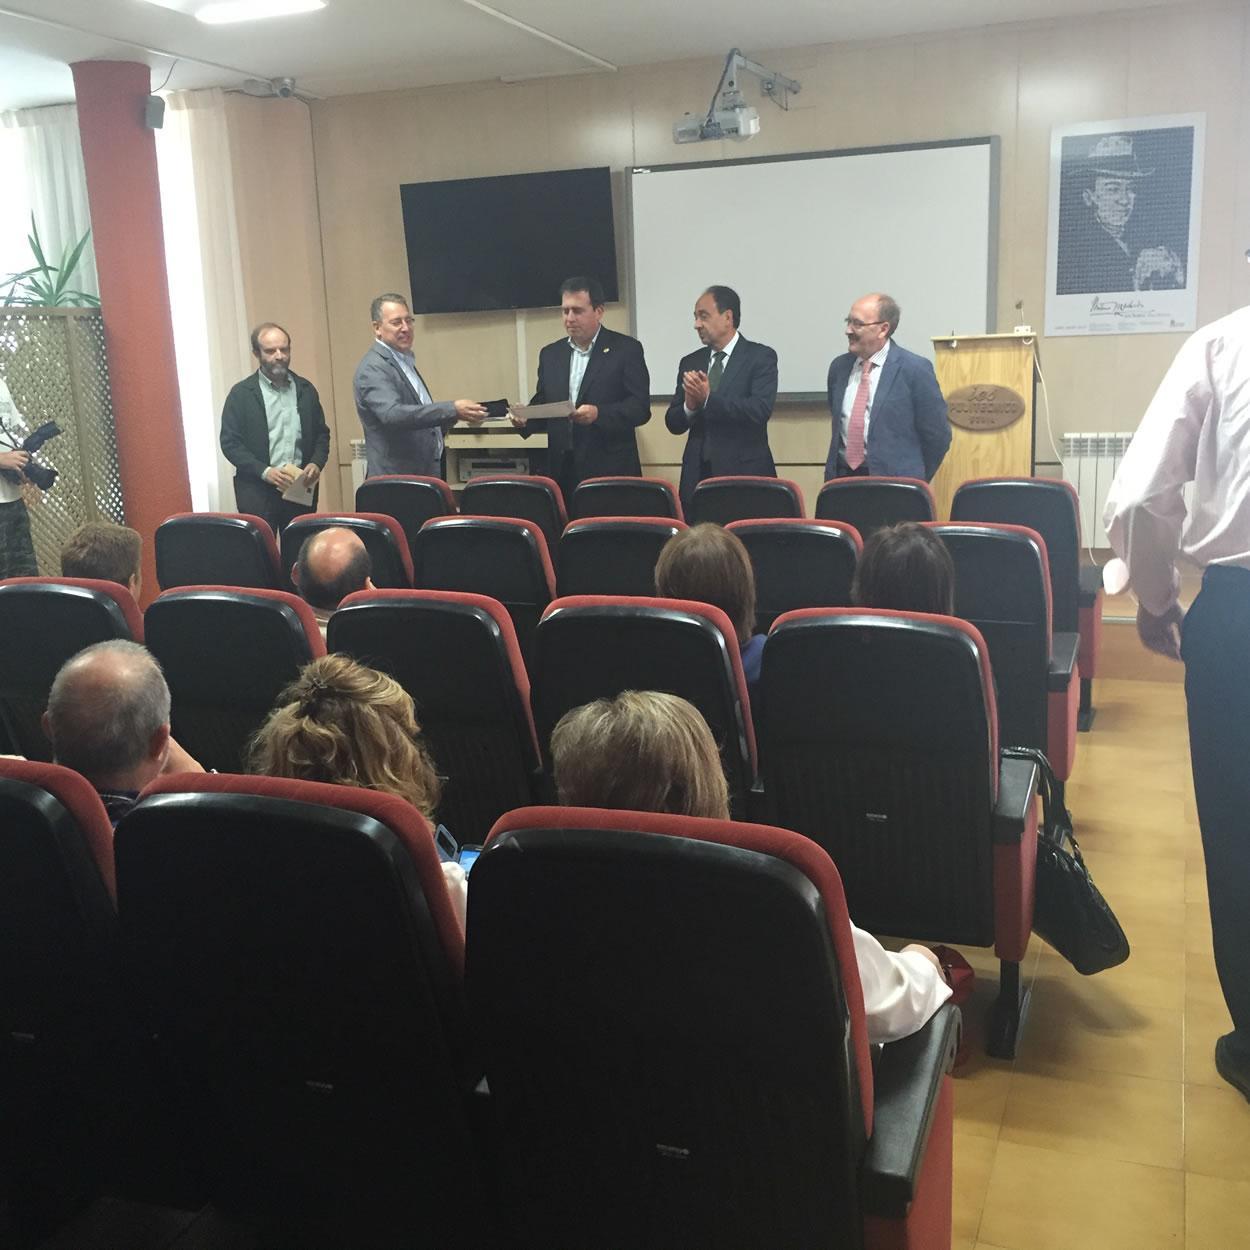 Entrega de diplomas conmemorativos de las jubilaciones 2015